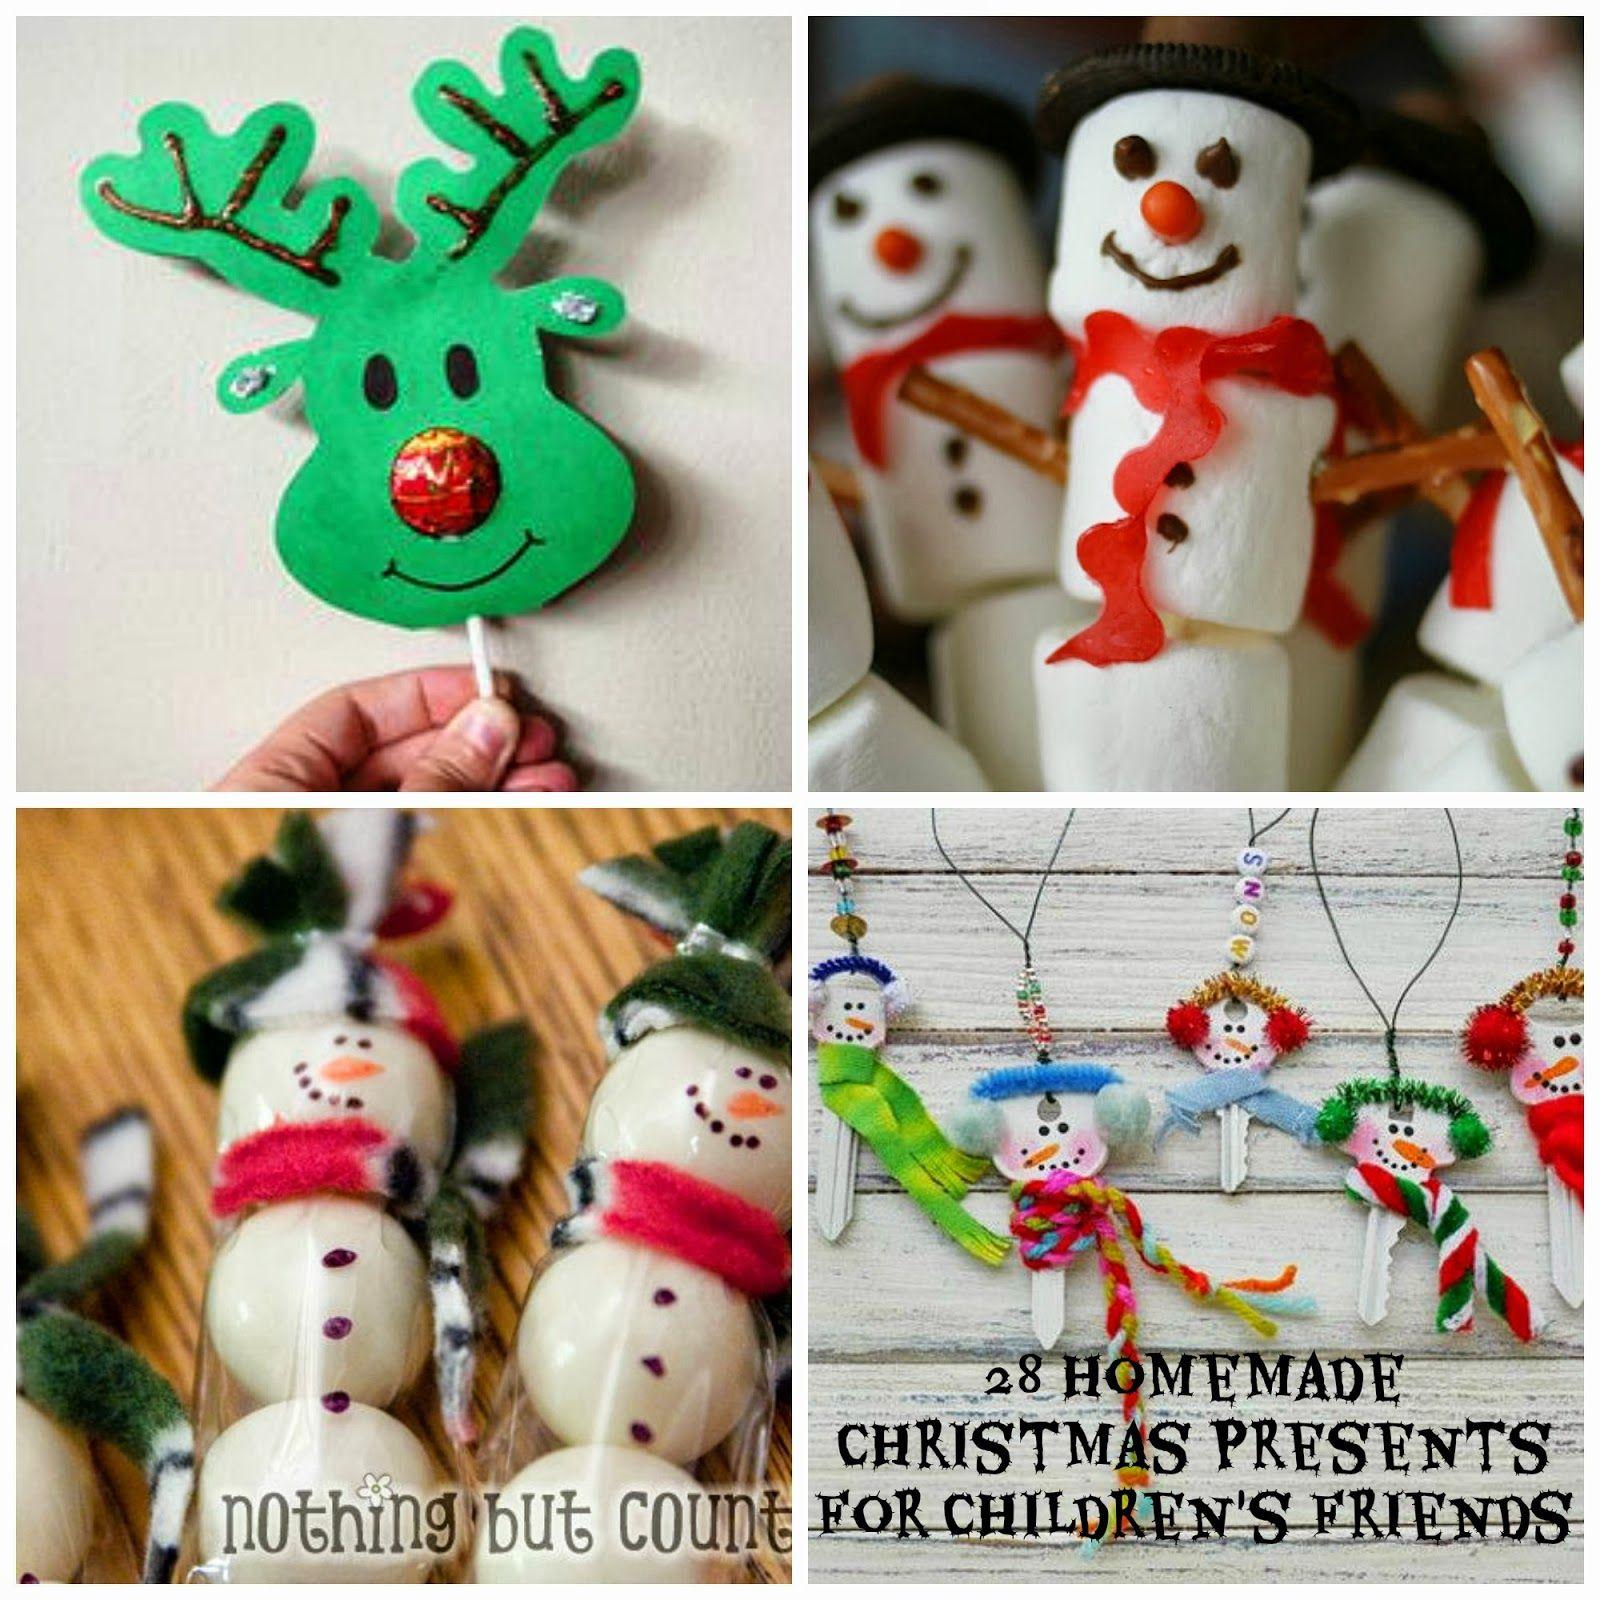 Homemade christmas gifts ideas for kids - Po Et Obr Zkov Na T Mu Christmas Ideas Na Pintereste Pre Deti Remesl Pre Deti A Viano N Poh Adnice 10 Najlep Ch